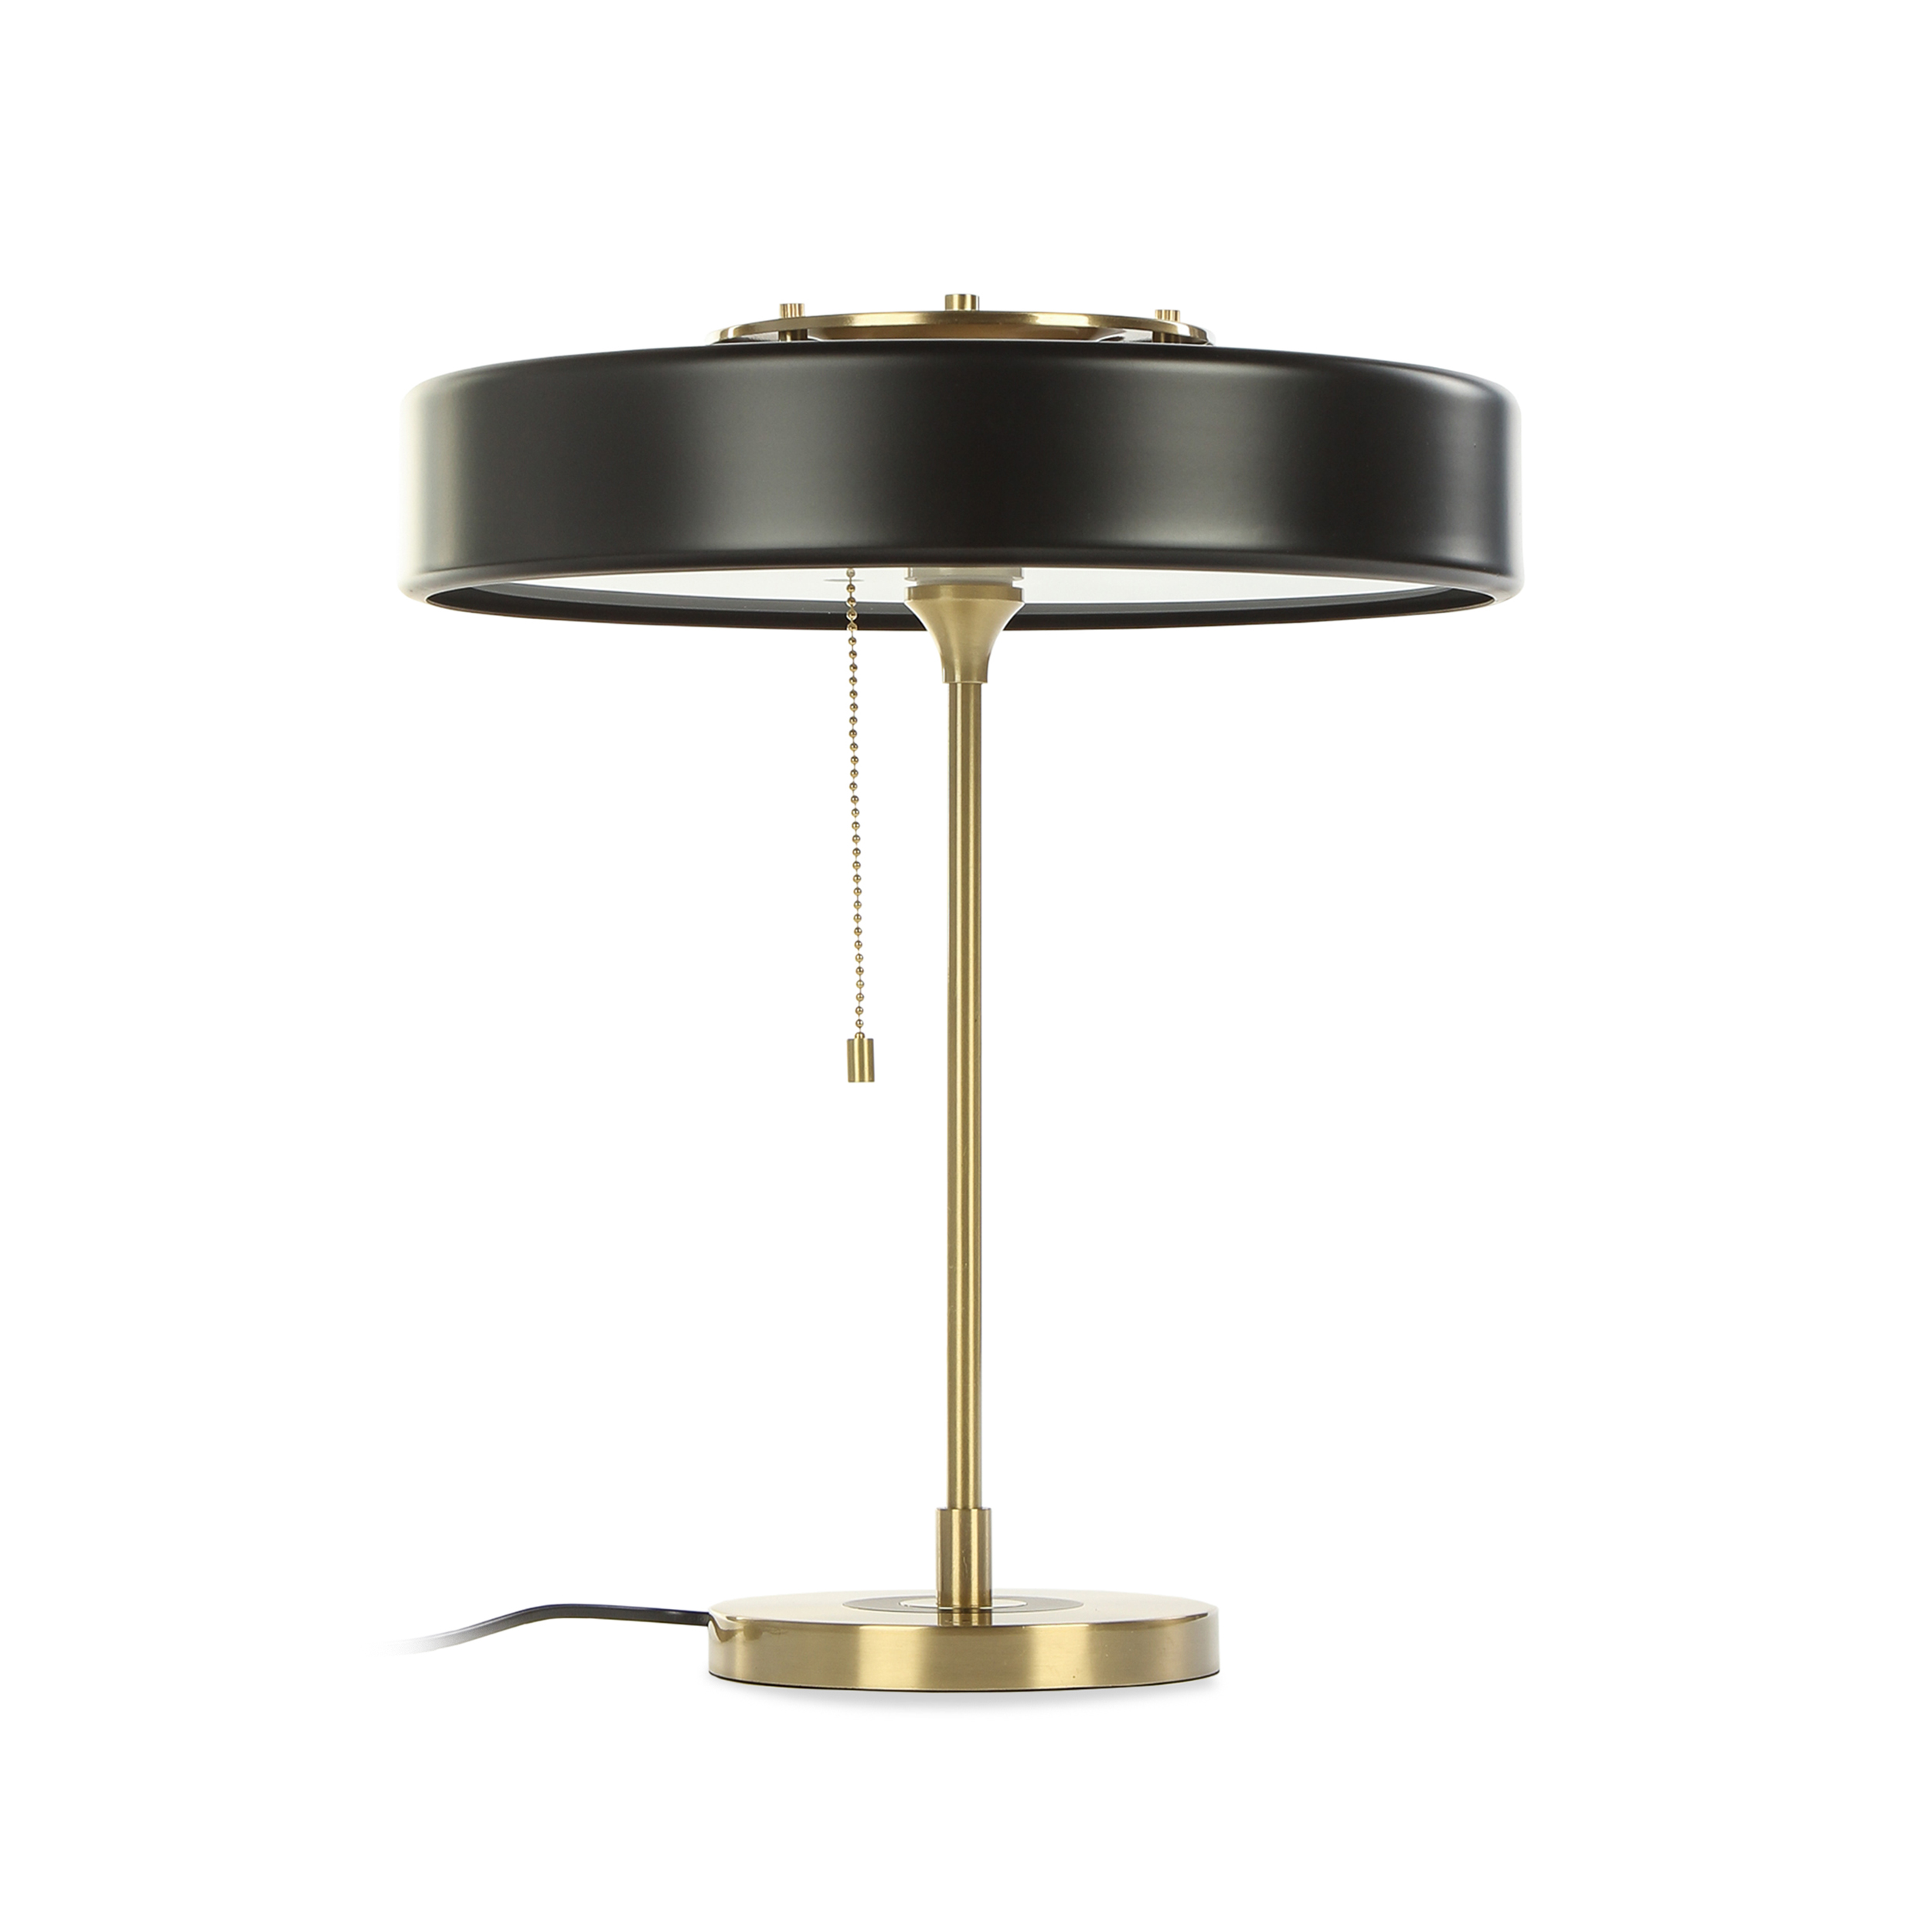 Настольный светильник JaanНастольные<br>Дизайнерский настольный светильник Jaan (Яан) – это элегантное изделие в современном стиле, в котором присутствуют утонченность и изящные формы. Модель обладает красивыми, гармоничными пропорциями и плавными чертами, которые придадут комнате еще больше домашнего уюта и позитивной энергии.<br><br><br> Модель светильника изготавливается из современных материалов, что делает ее идеальным вариантом даже для ультрасовременной интерьерной стилистики. Полупрозрачный абажур дает мягкий рассеянный свет...<br><br>stock: 3<br>Высота: 42<br>Диаметр: 35<br>Материал абажура: Алюминий<br>Материал арматуры: Металл<br>Мощность лампы: 40<br>Тип лампы/цоколь: E14<br>Цвет абажура: Черный<br>Цвет арматуры: Черный